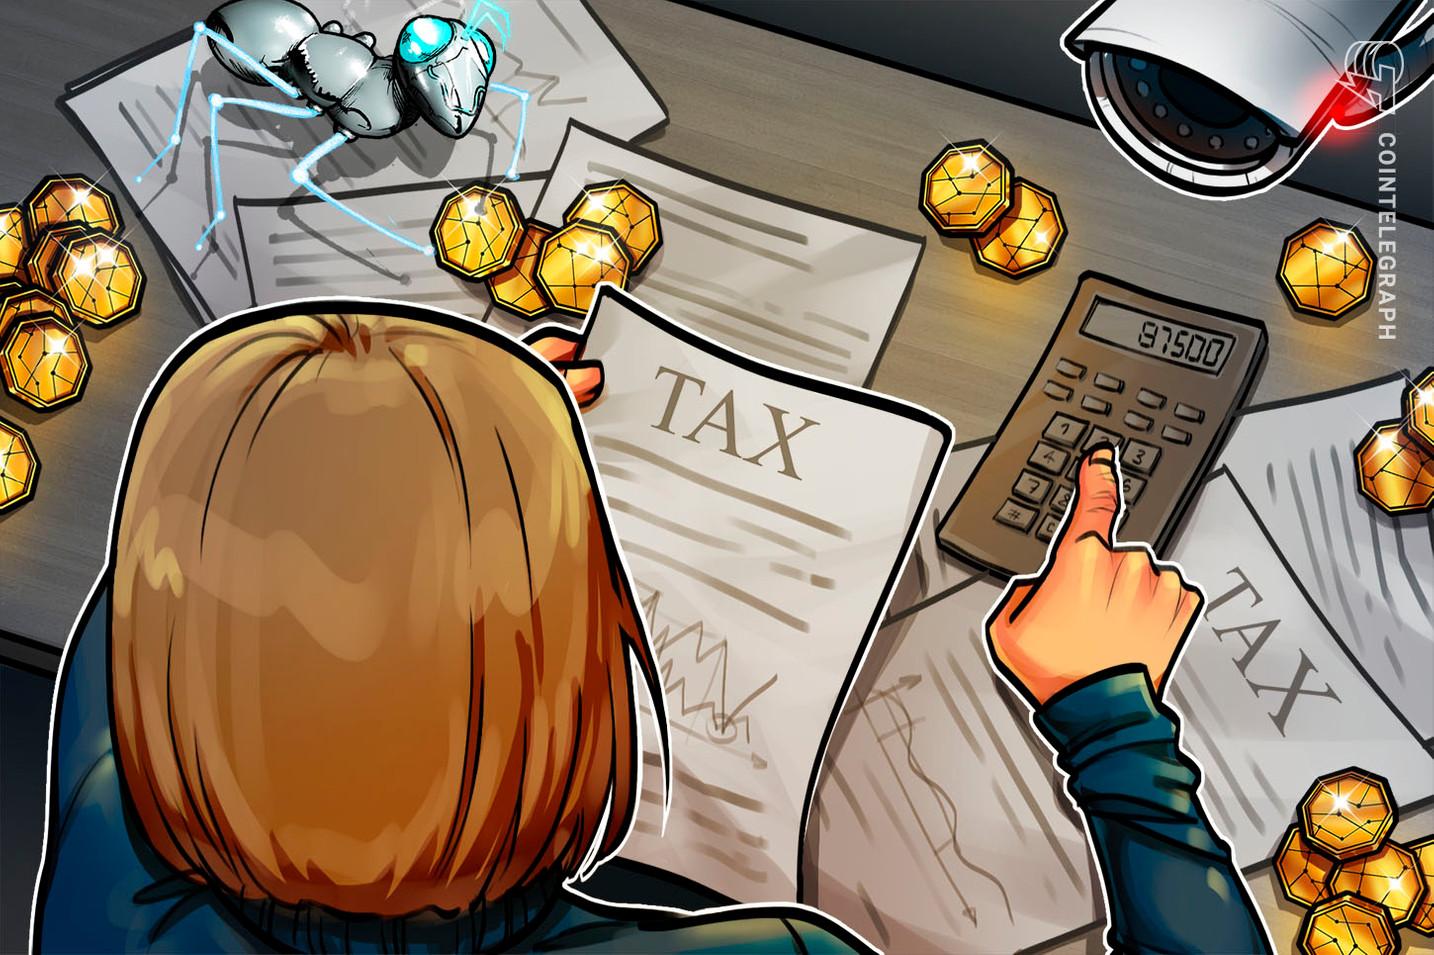 Coletores de impostos tailandeses vão otimizar receita com tecnologia de blockchain em 2021